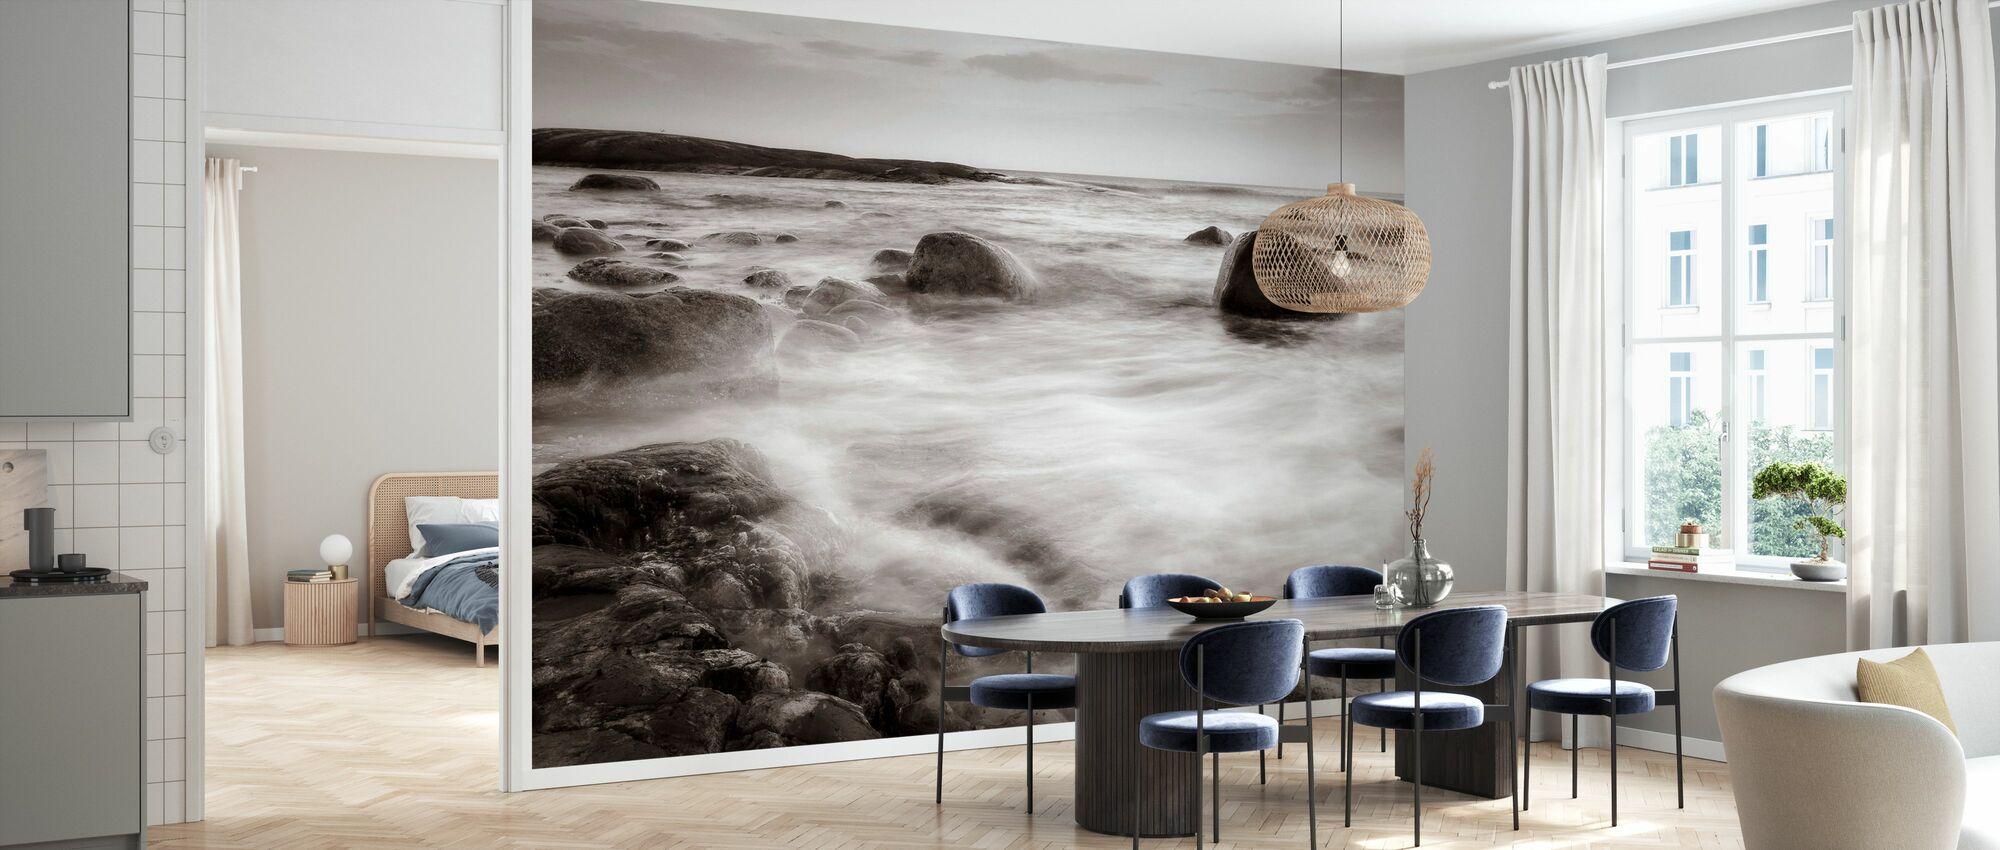 Flow - Wallpaper - Kitchen